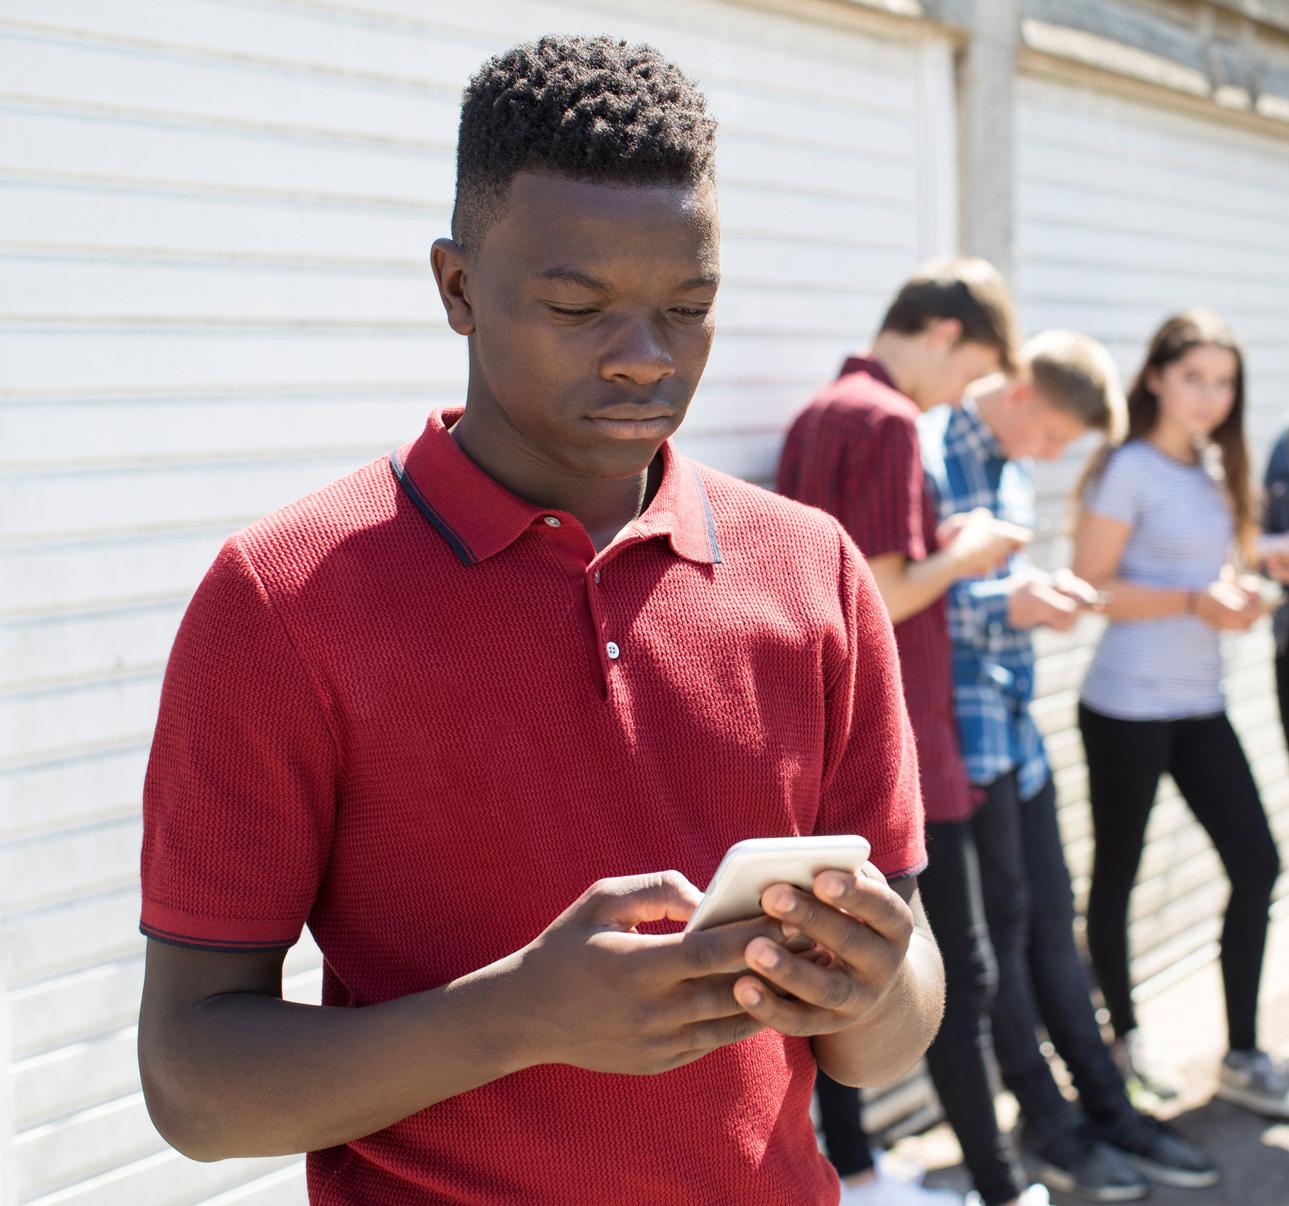 Abseits von der Gruppe; Jugendlciher blickt traurig auf sein Handy.